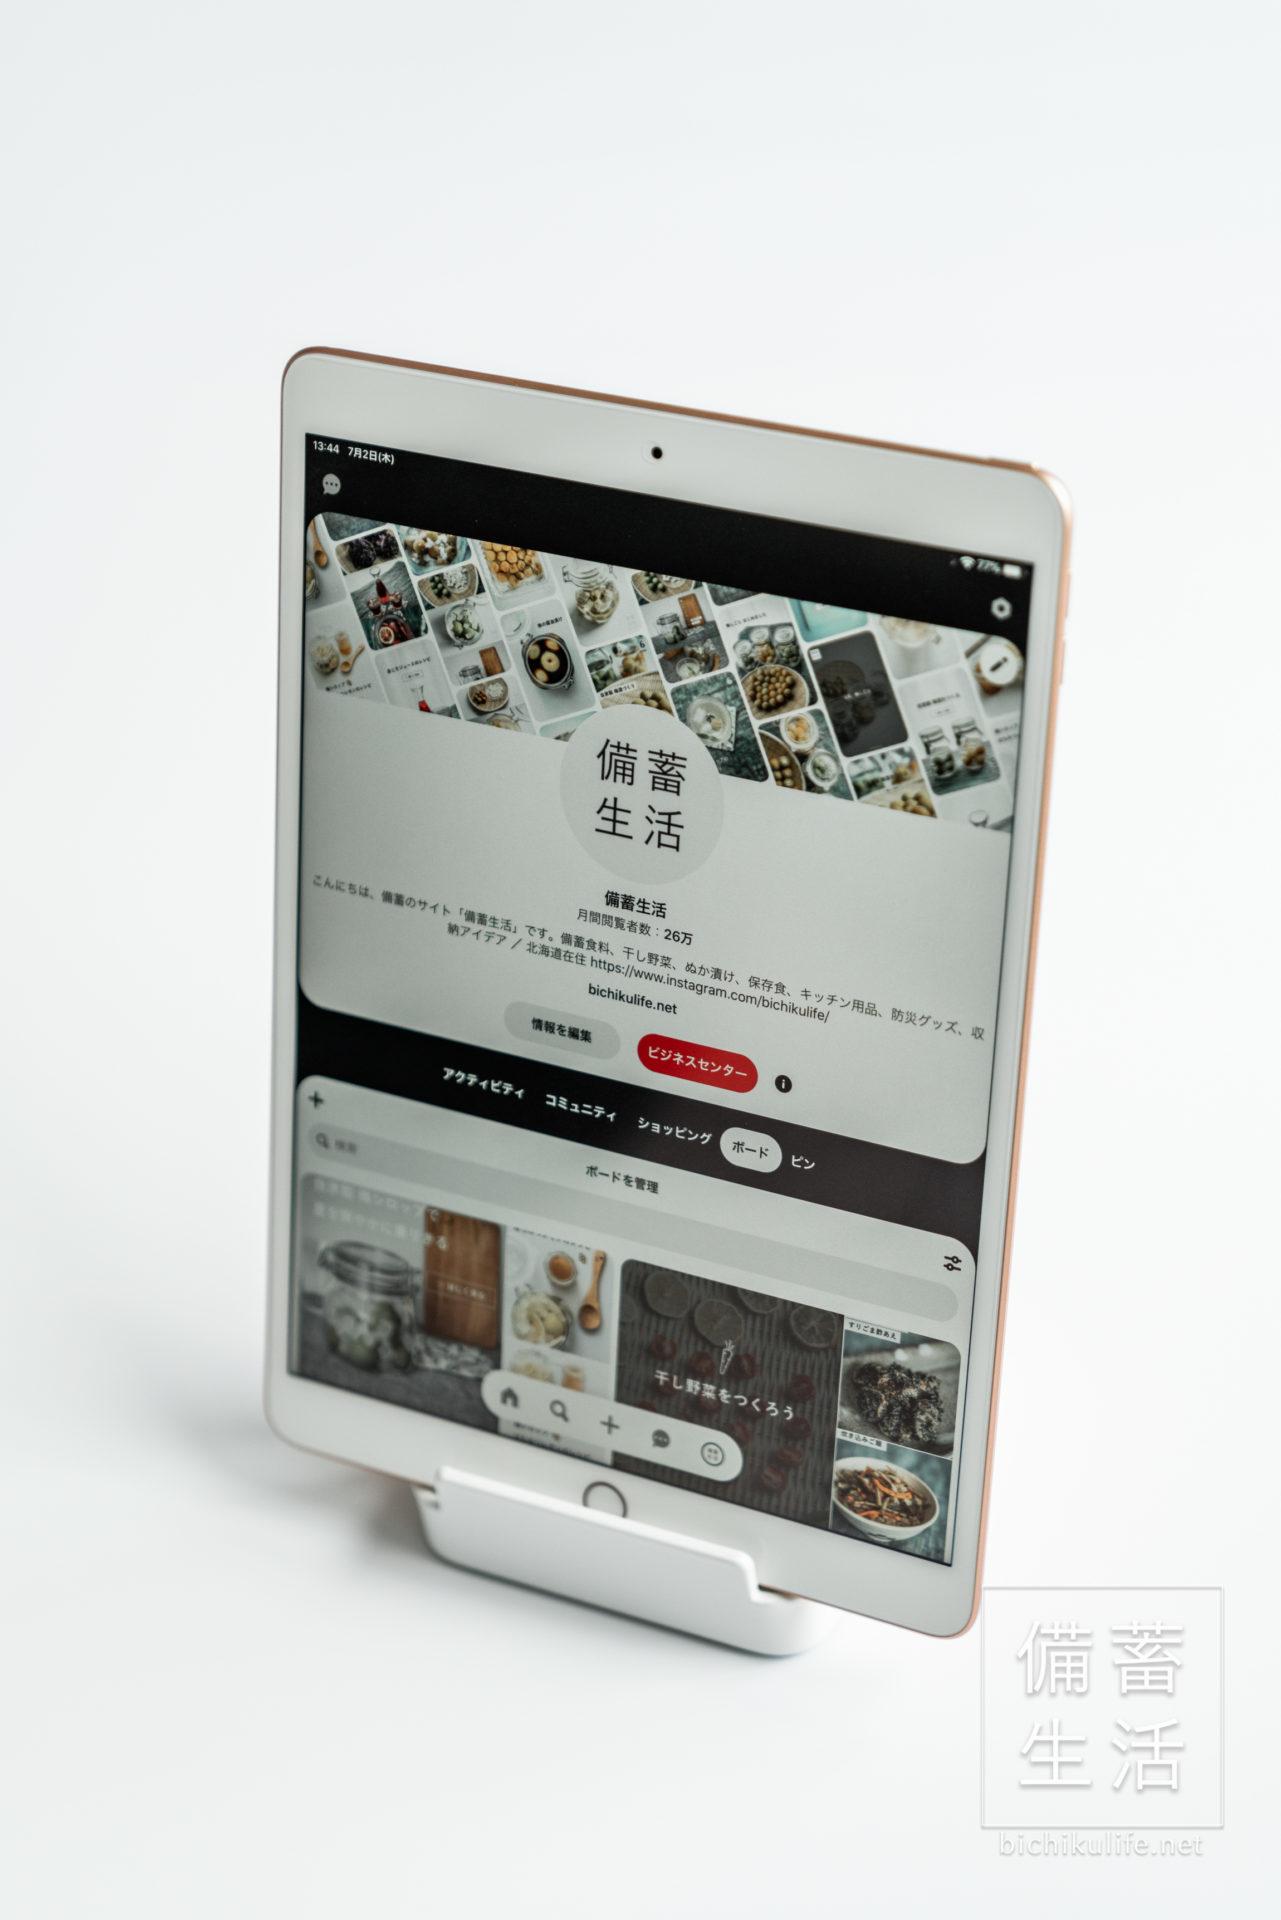 山崎実業 おたま&鍋ふたスタンド tower、使用例、iPadスタンド